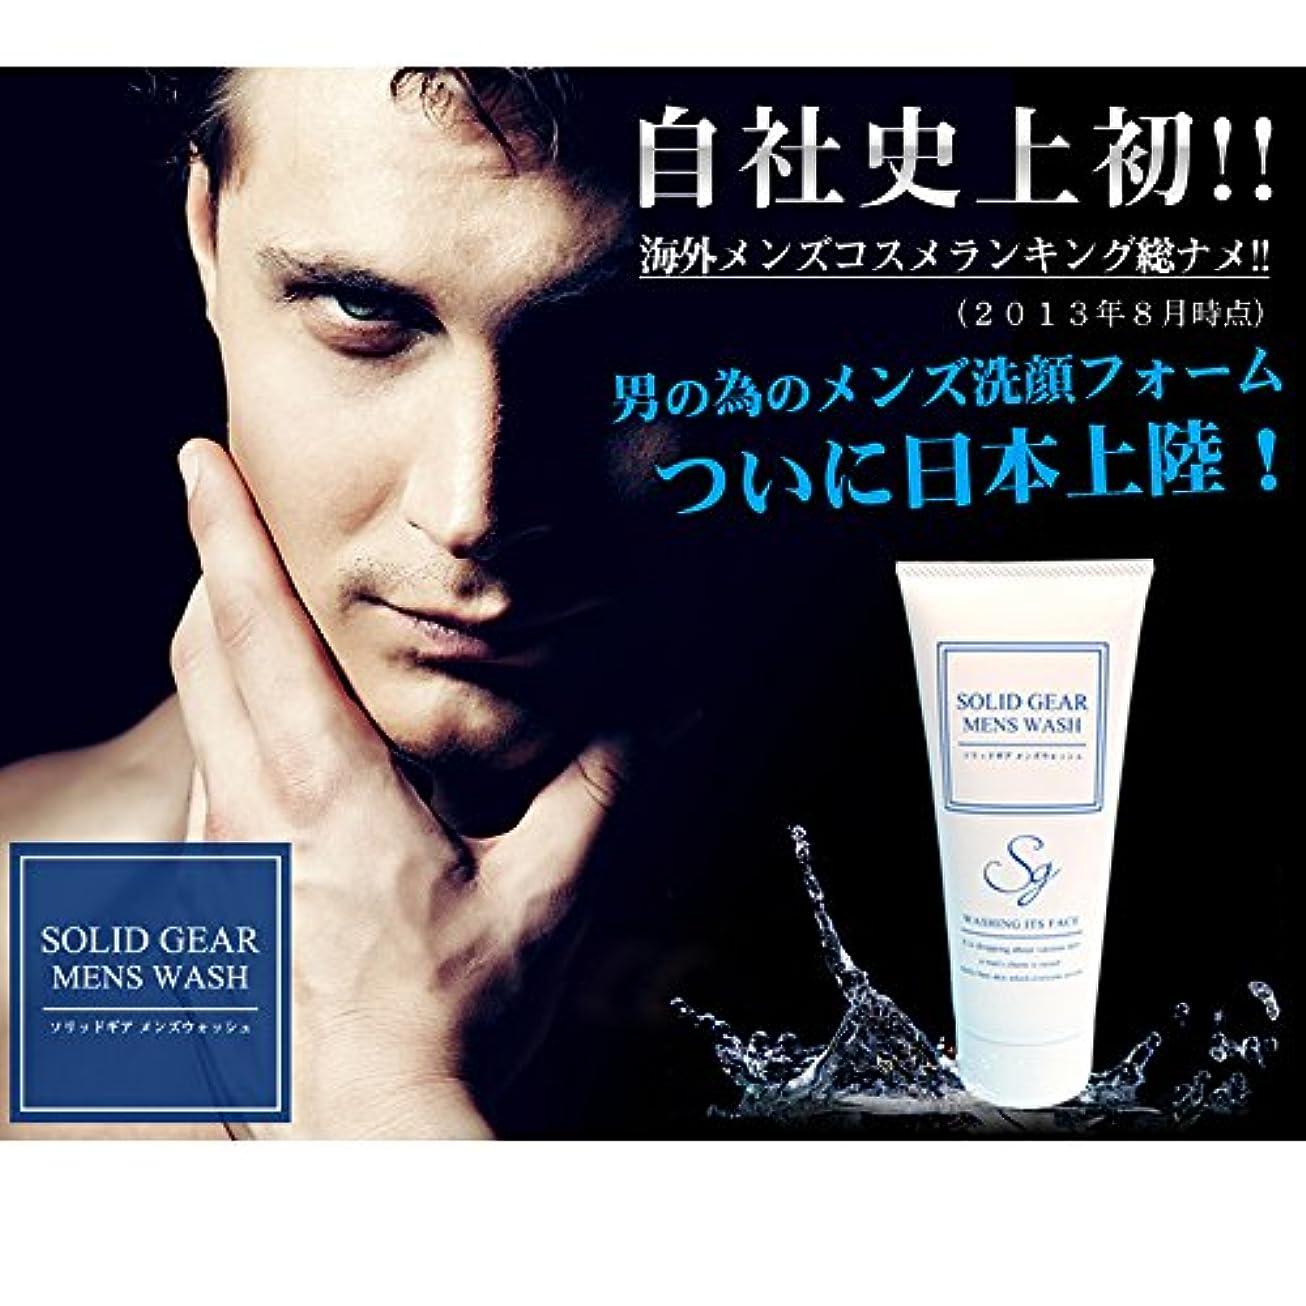 ハドルお世話になった障害男性用洗顔フォーム ソリッドギア メンズウォッシュ